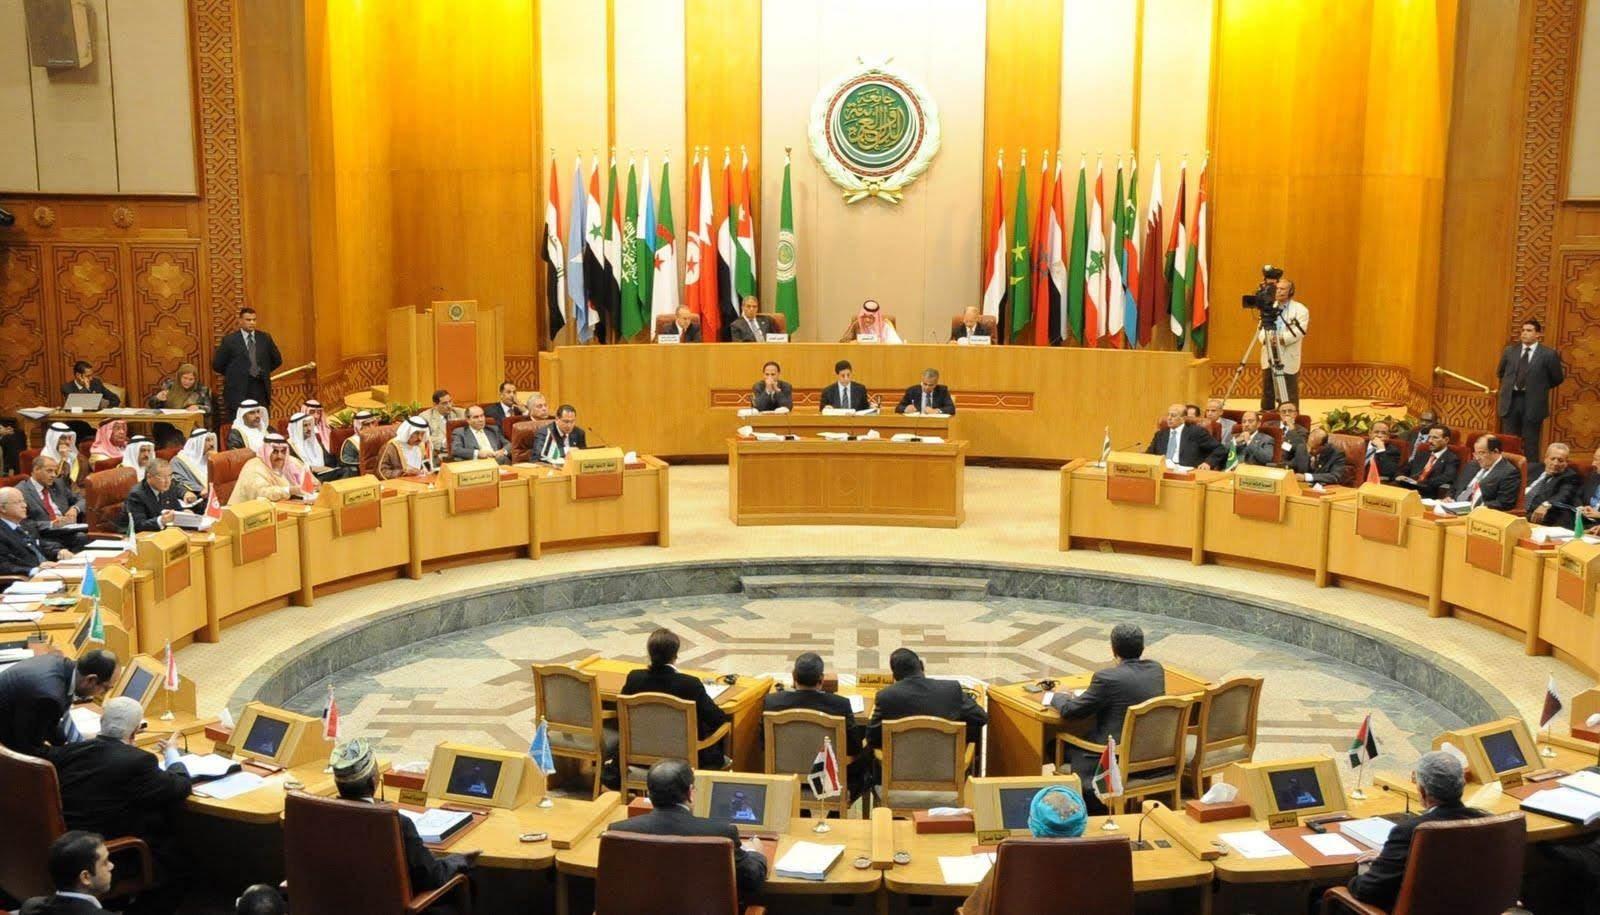 الأمانة العامة لجامعة الدول العربية تلقت الجمعة طلباً من مصر لعقد الاجتماع الطارىء